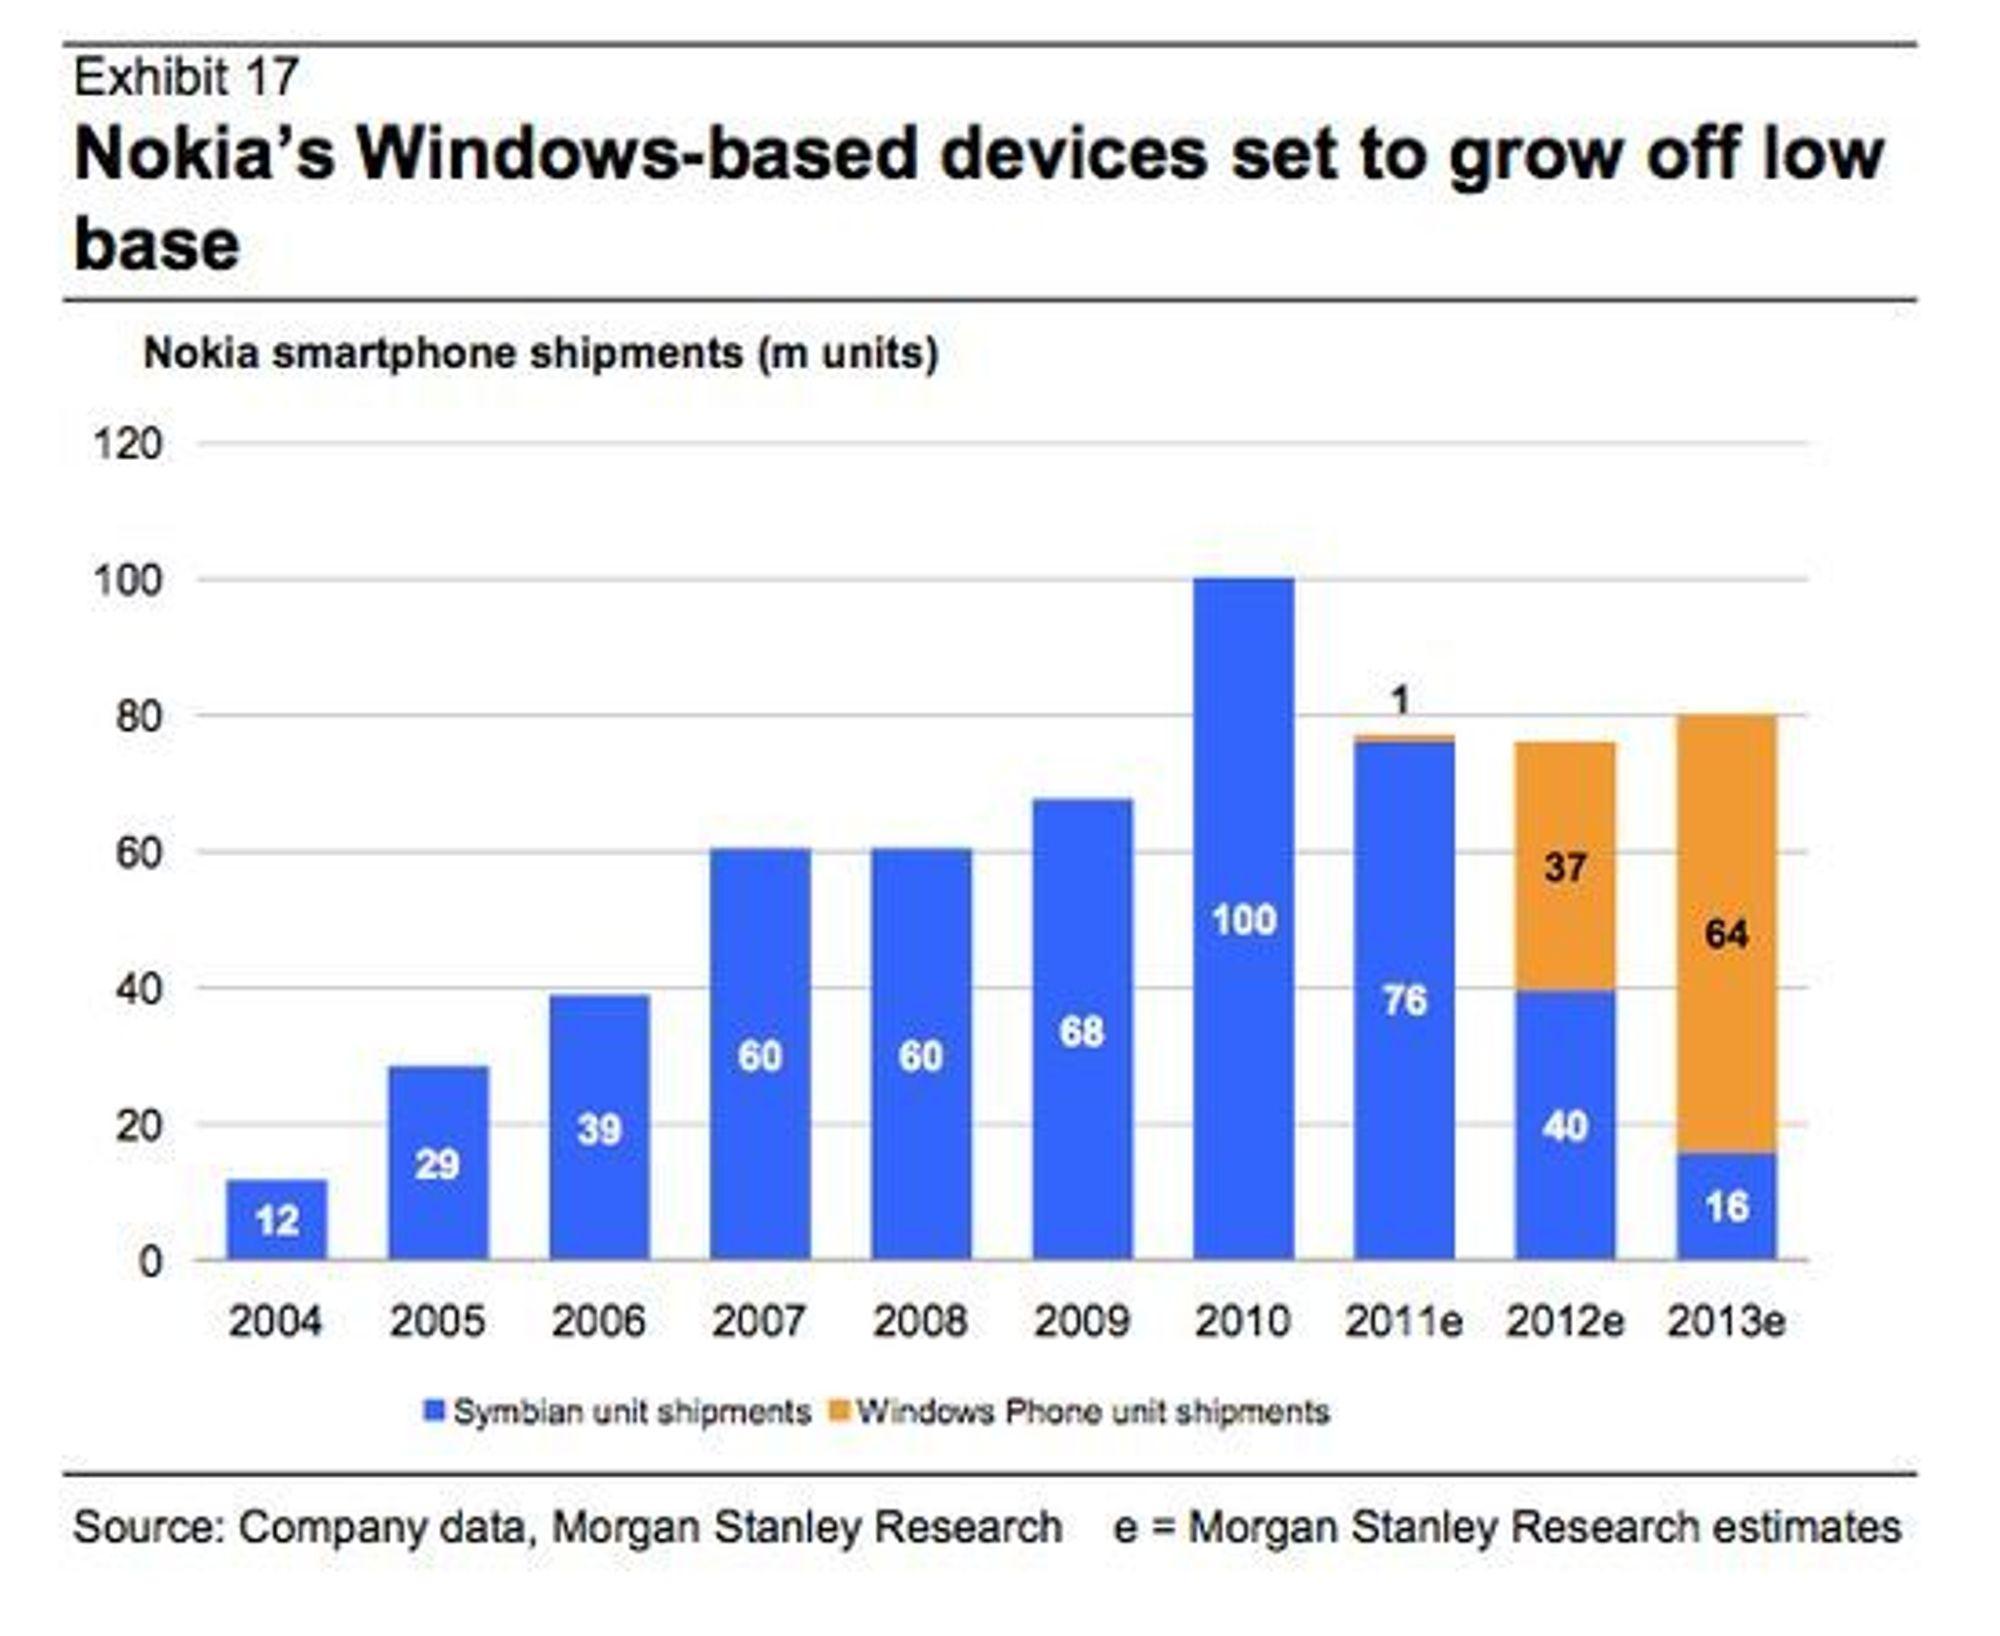 Nokias salg av smartmobiler mellom 2004 og 2013. De tre siste årene er estimater.